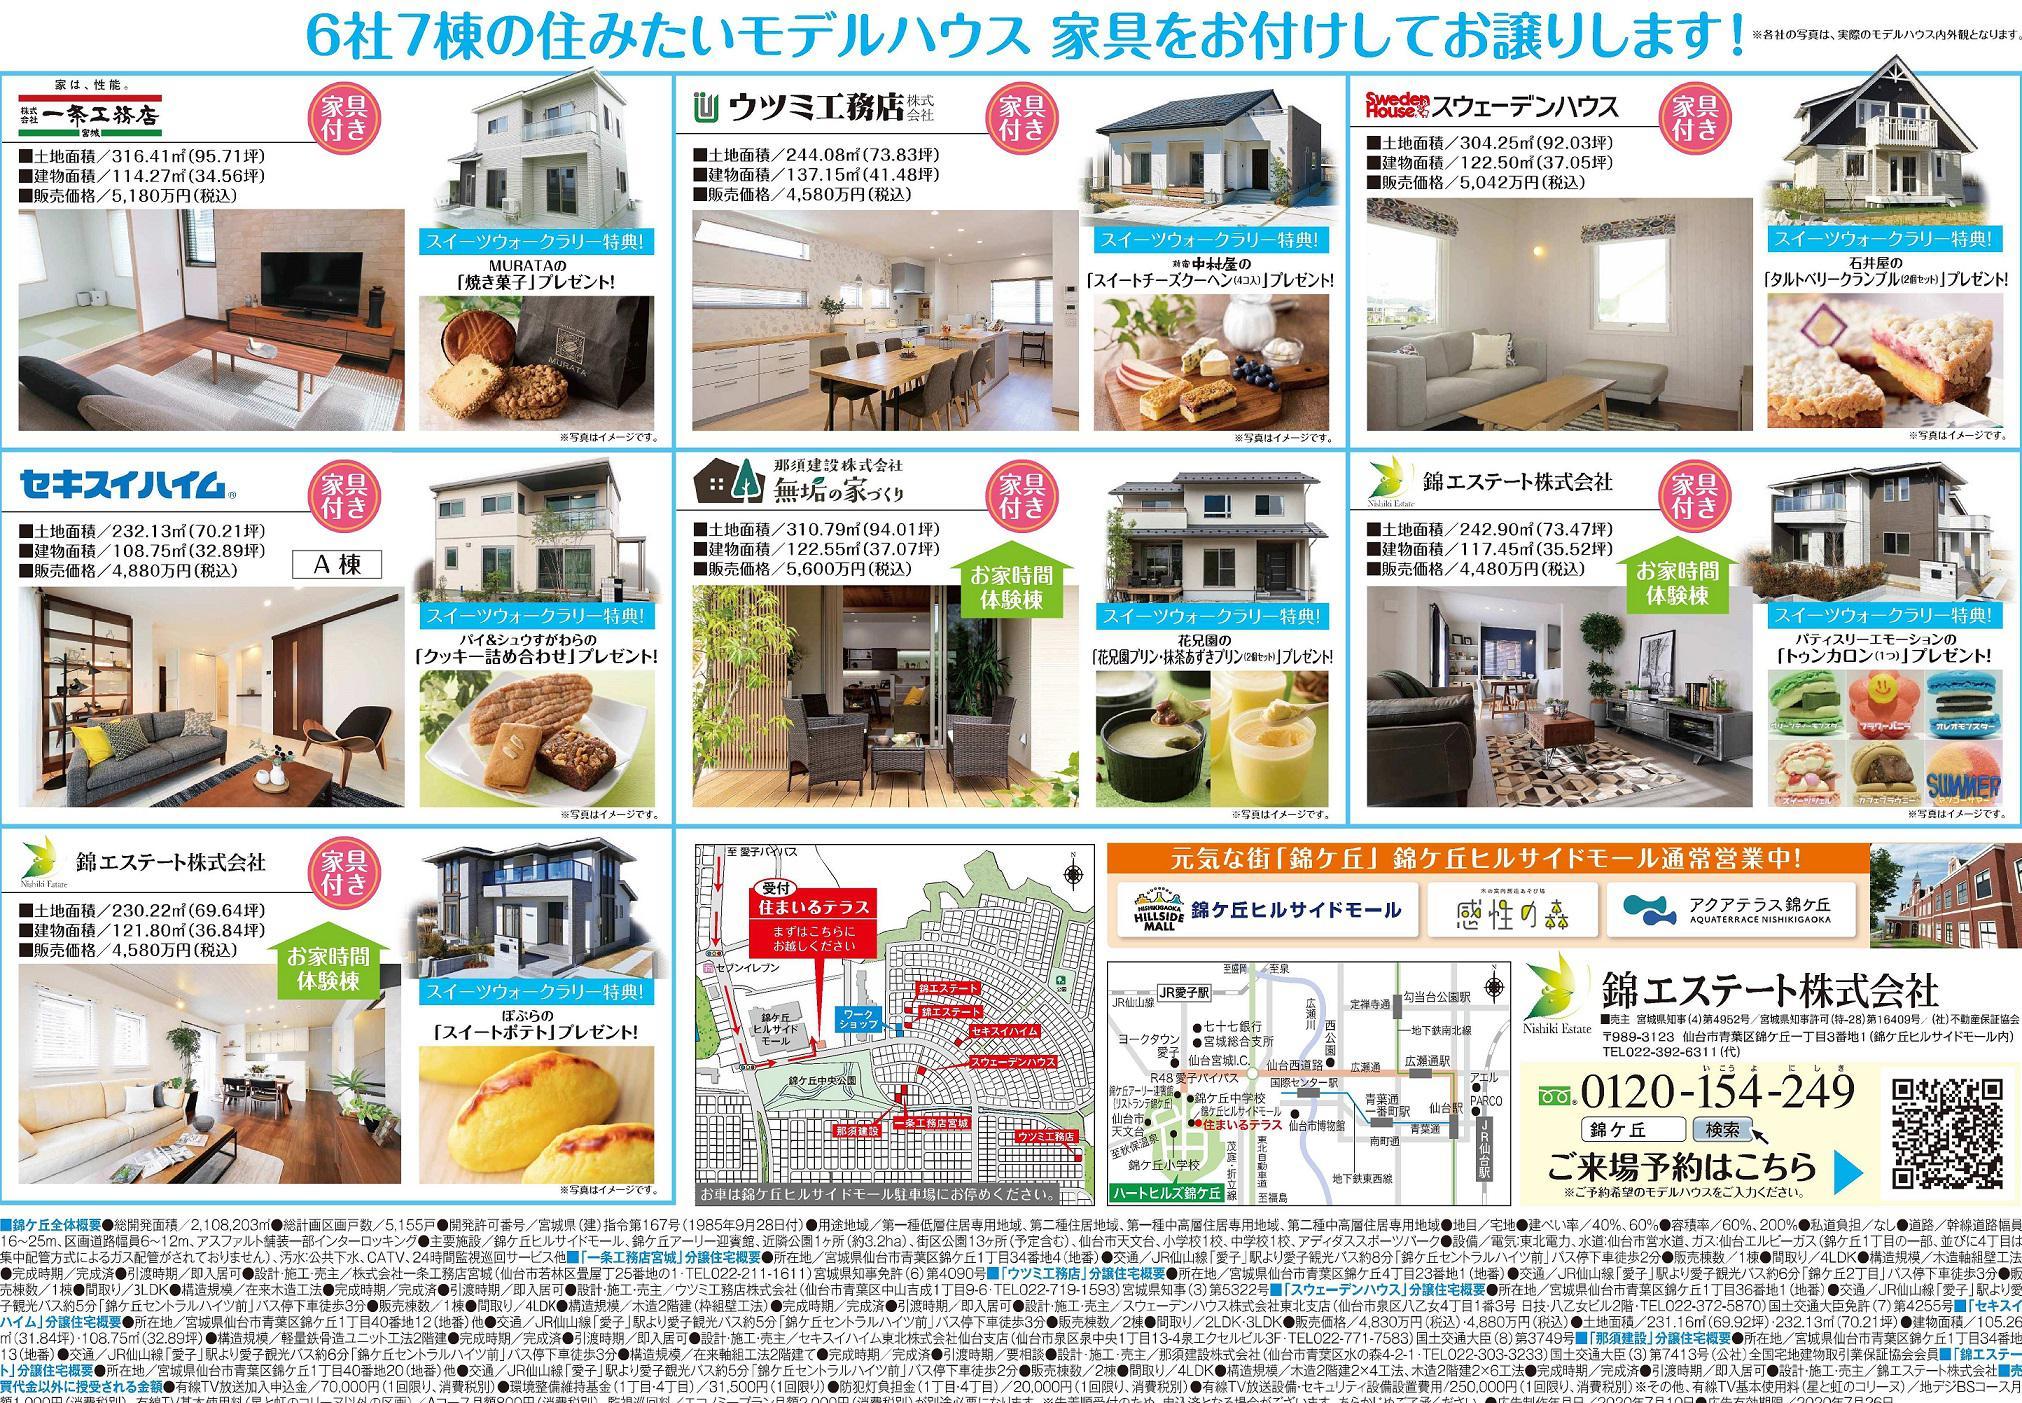 7/23〜26モデルハウスイベント開催【ハートヒルズ錦ケ丘HOUSE SHOW】